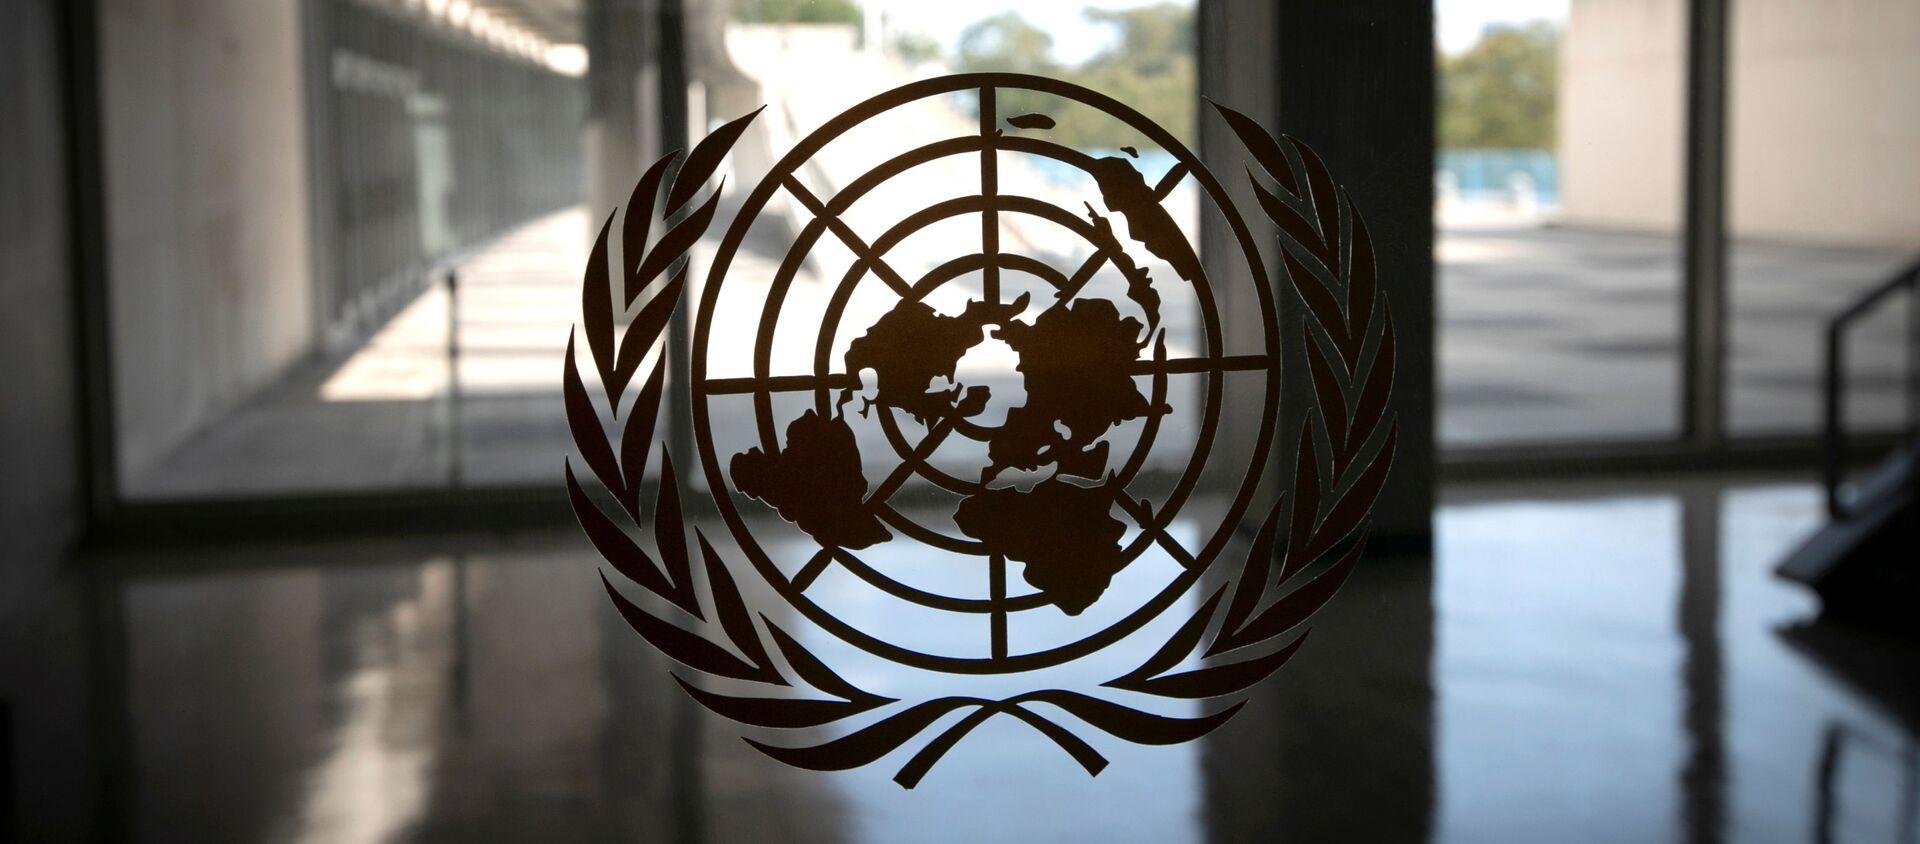 Logo Ujedinjenih nacija na ulazu u sedište organizacije u Njujorku - Sputnik Srbija, 1920, 16.12.2020